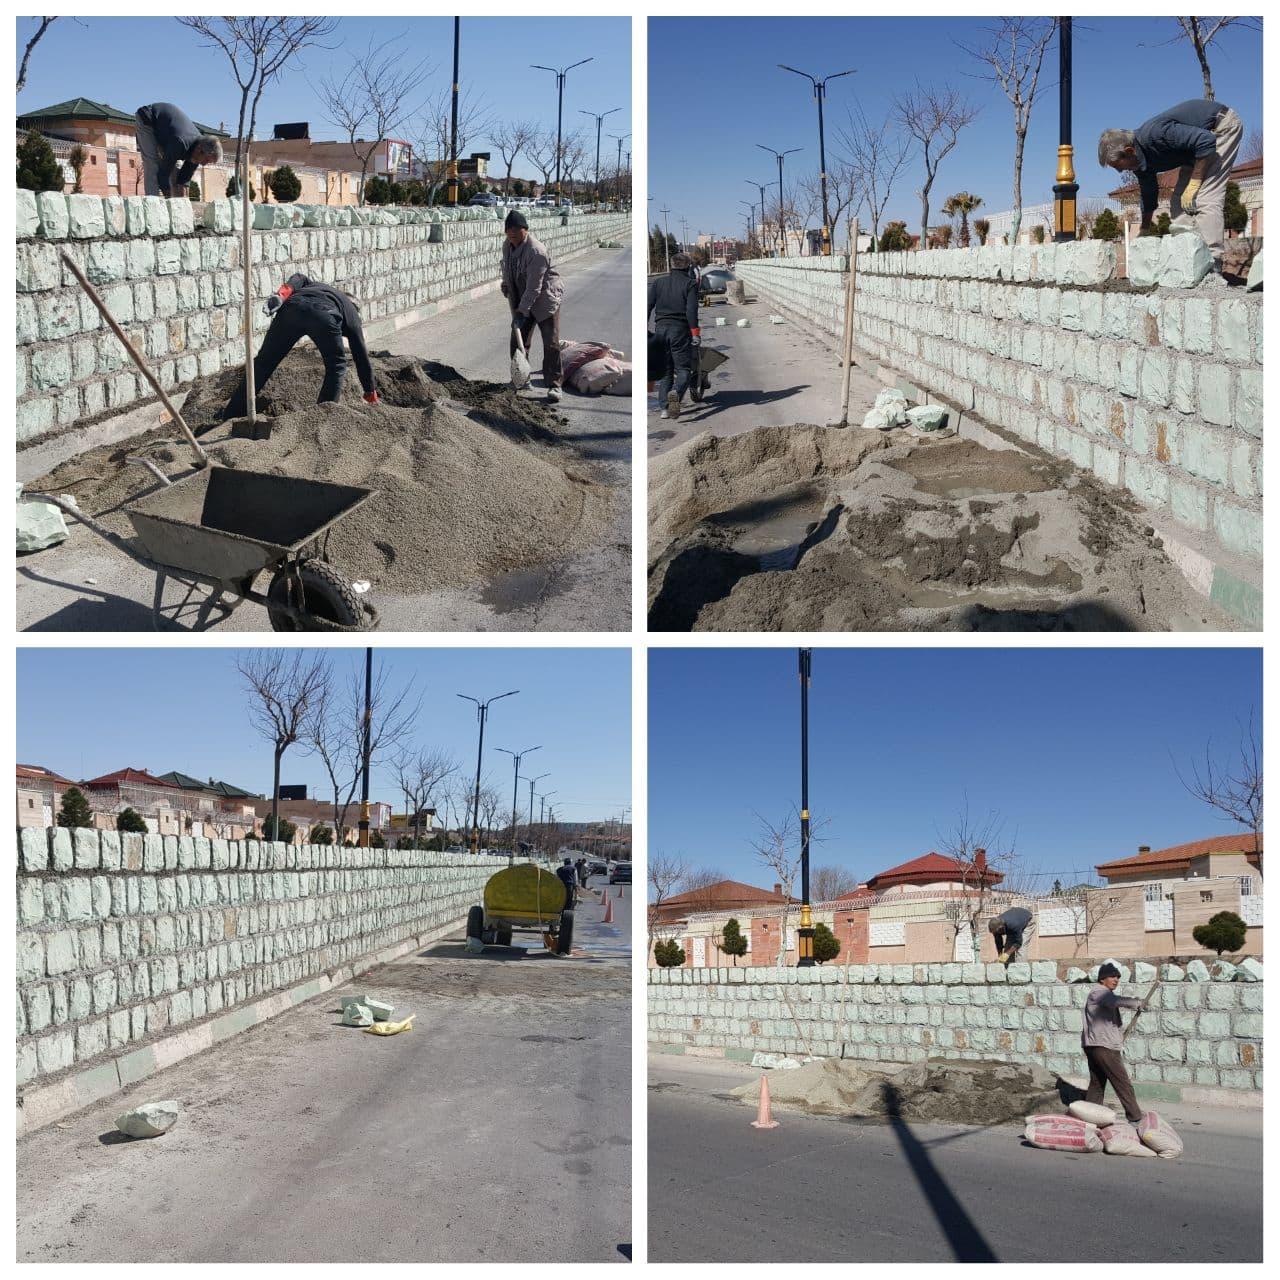 عملیات بهسازی بلوار انقلاب اسلامی پرند با سرعت ادامه دارد